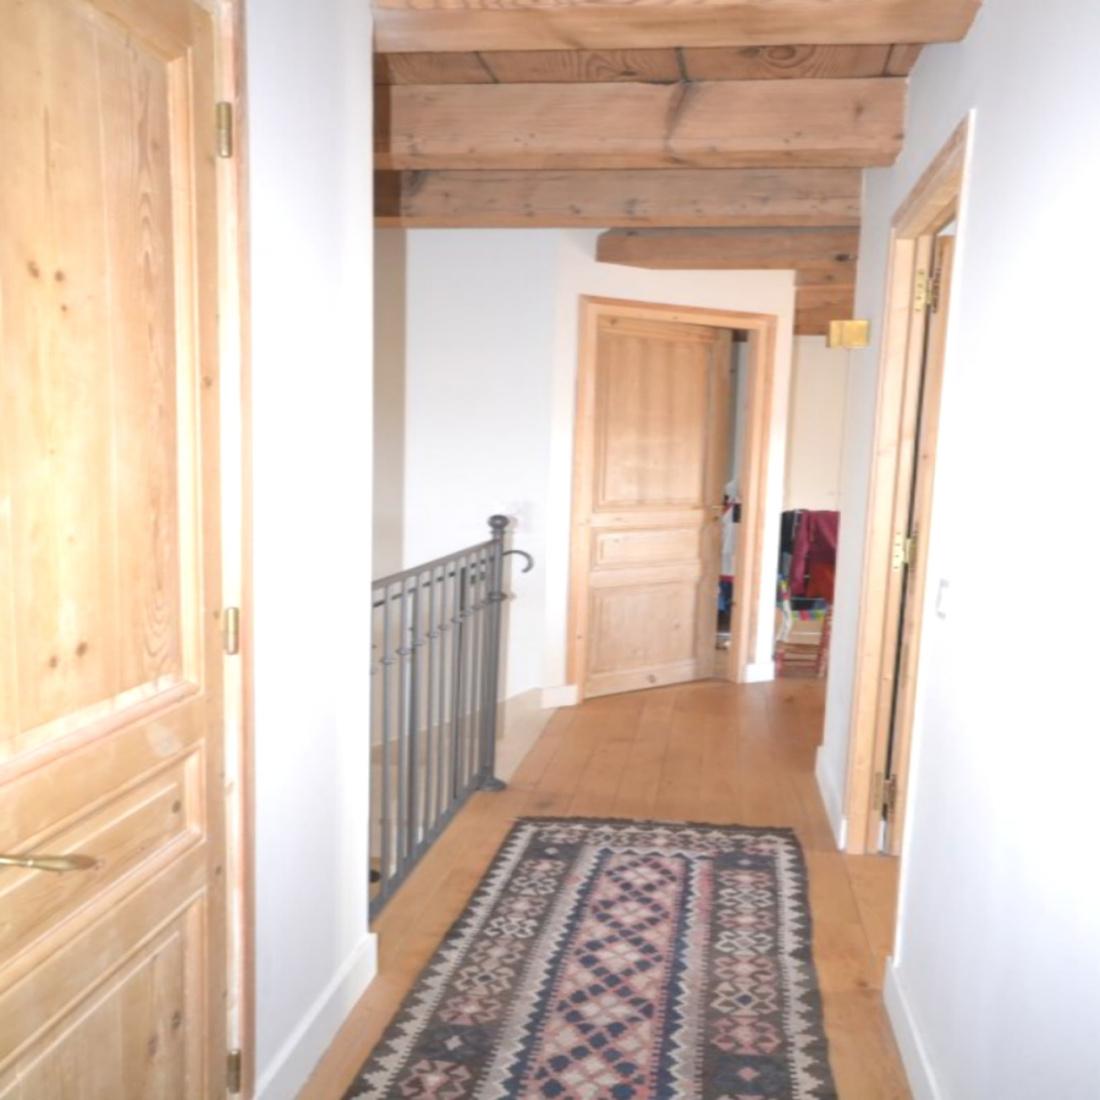 Vente nord villefranche sur sa ne beaujolais maison en - Chambre des metiers villefranche sur saone ...